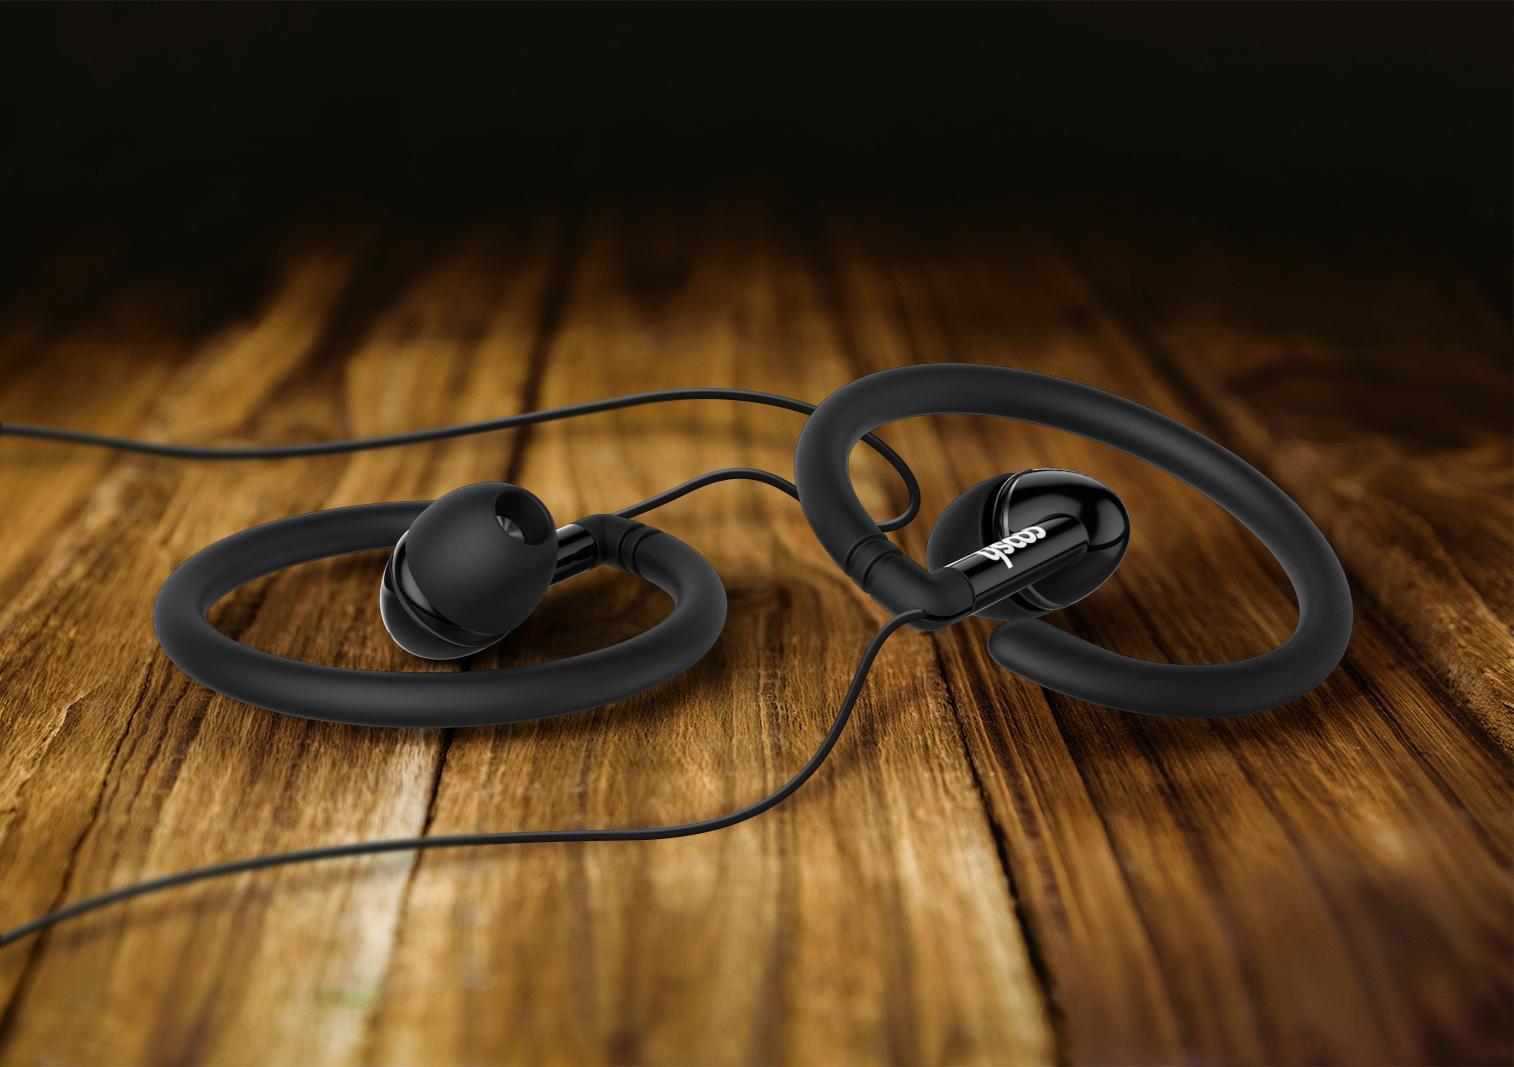 Earbuds package - panasonic earbuds black